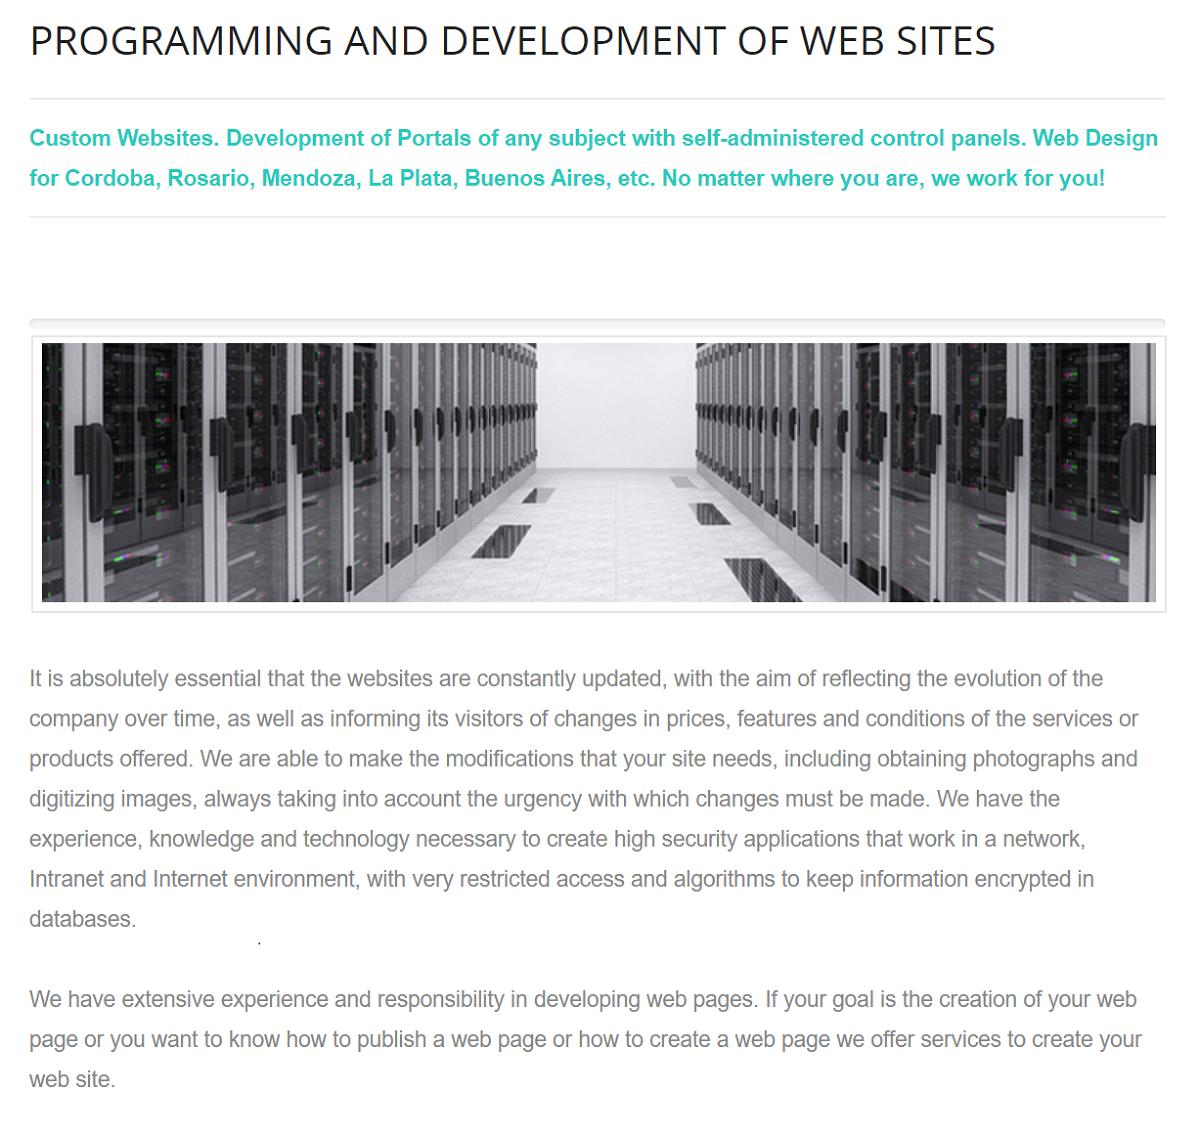 Efemosse Sistemas ofrece el servicio de desarrollo web a sus clientes